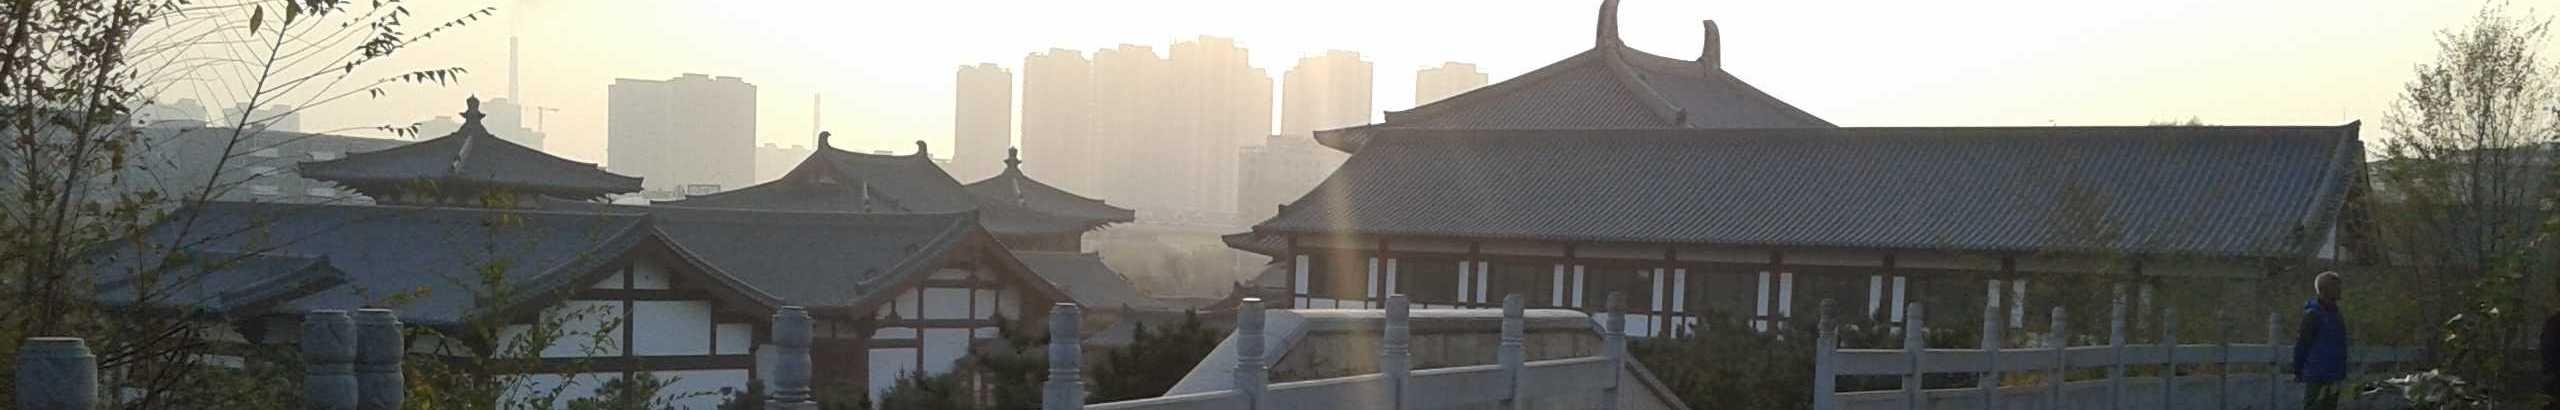 宣泉视频 banner